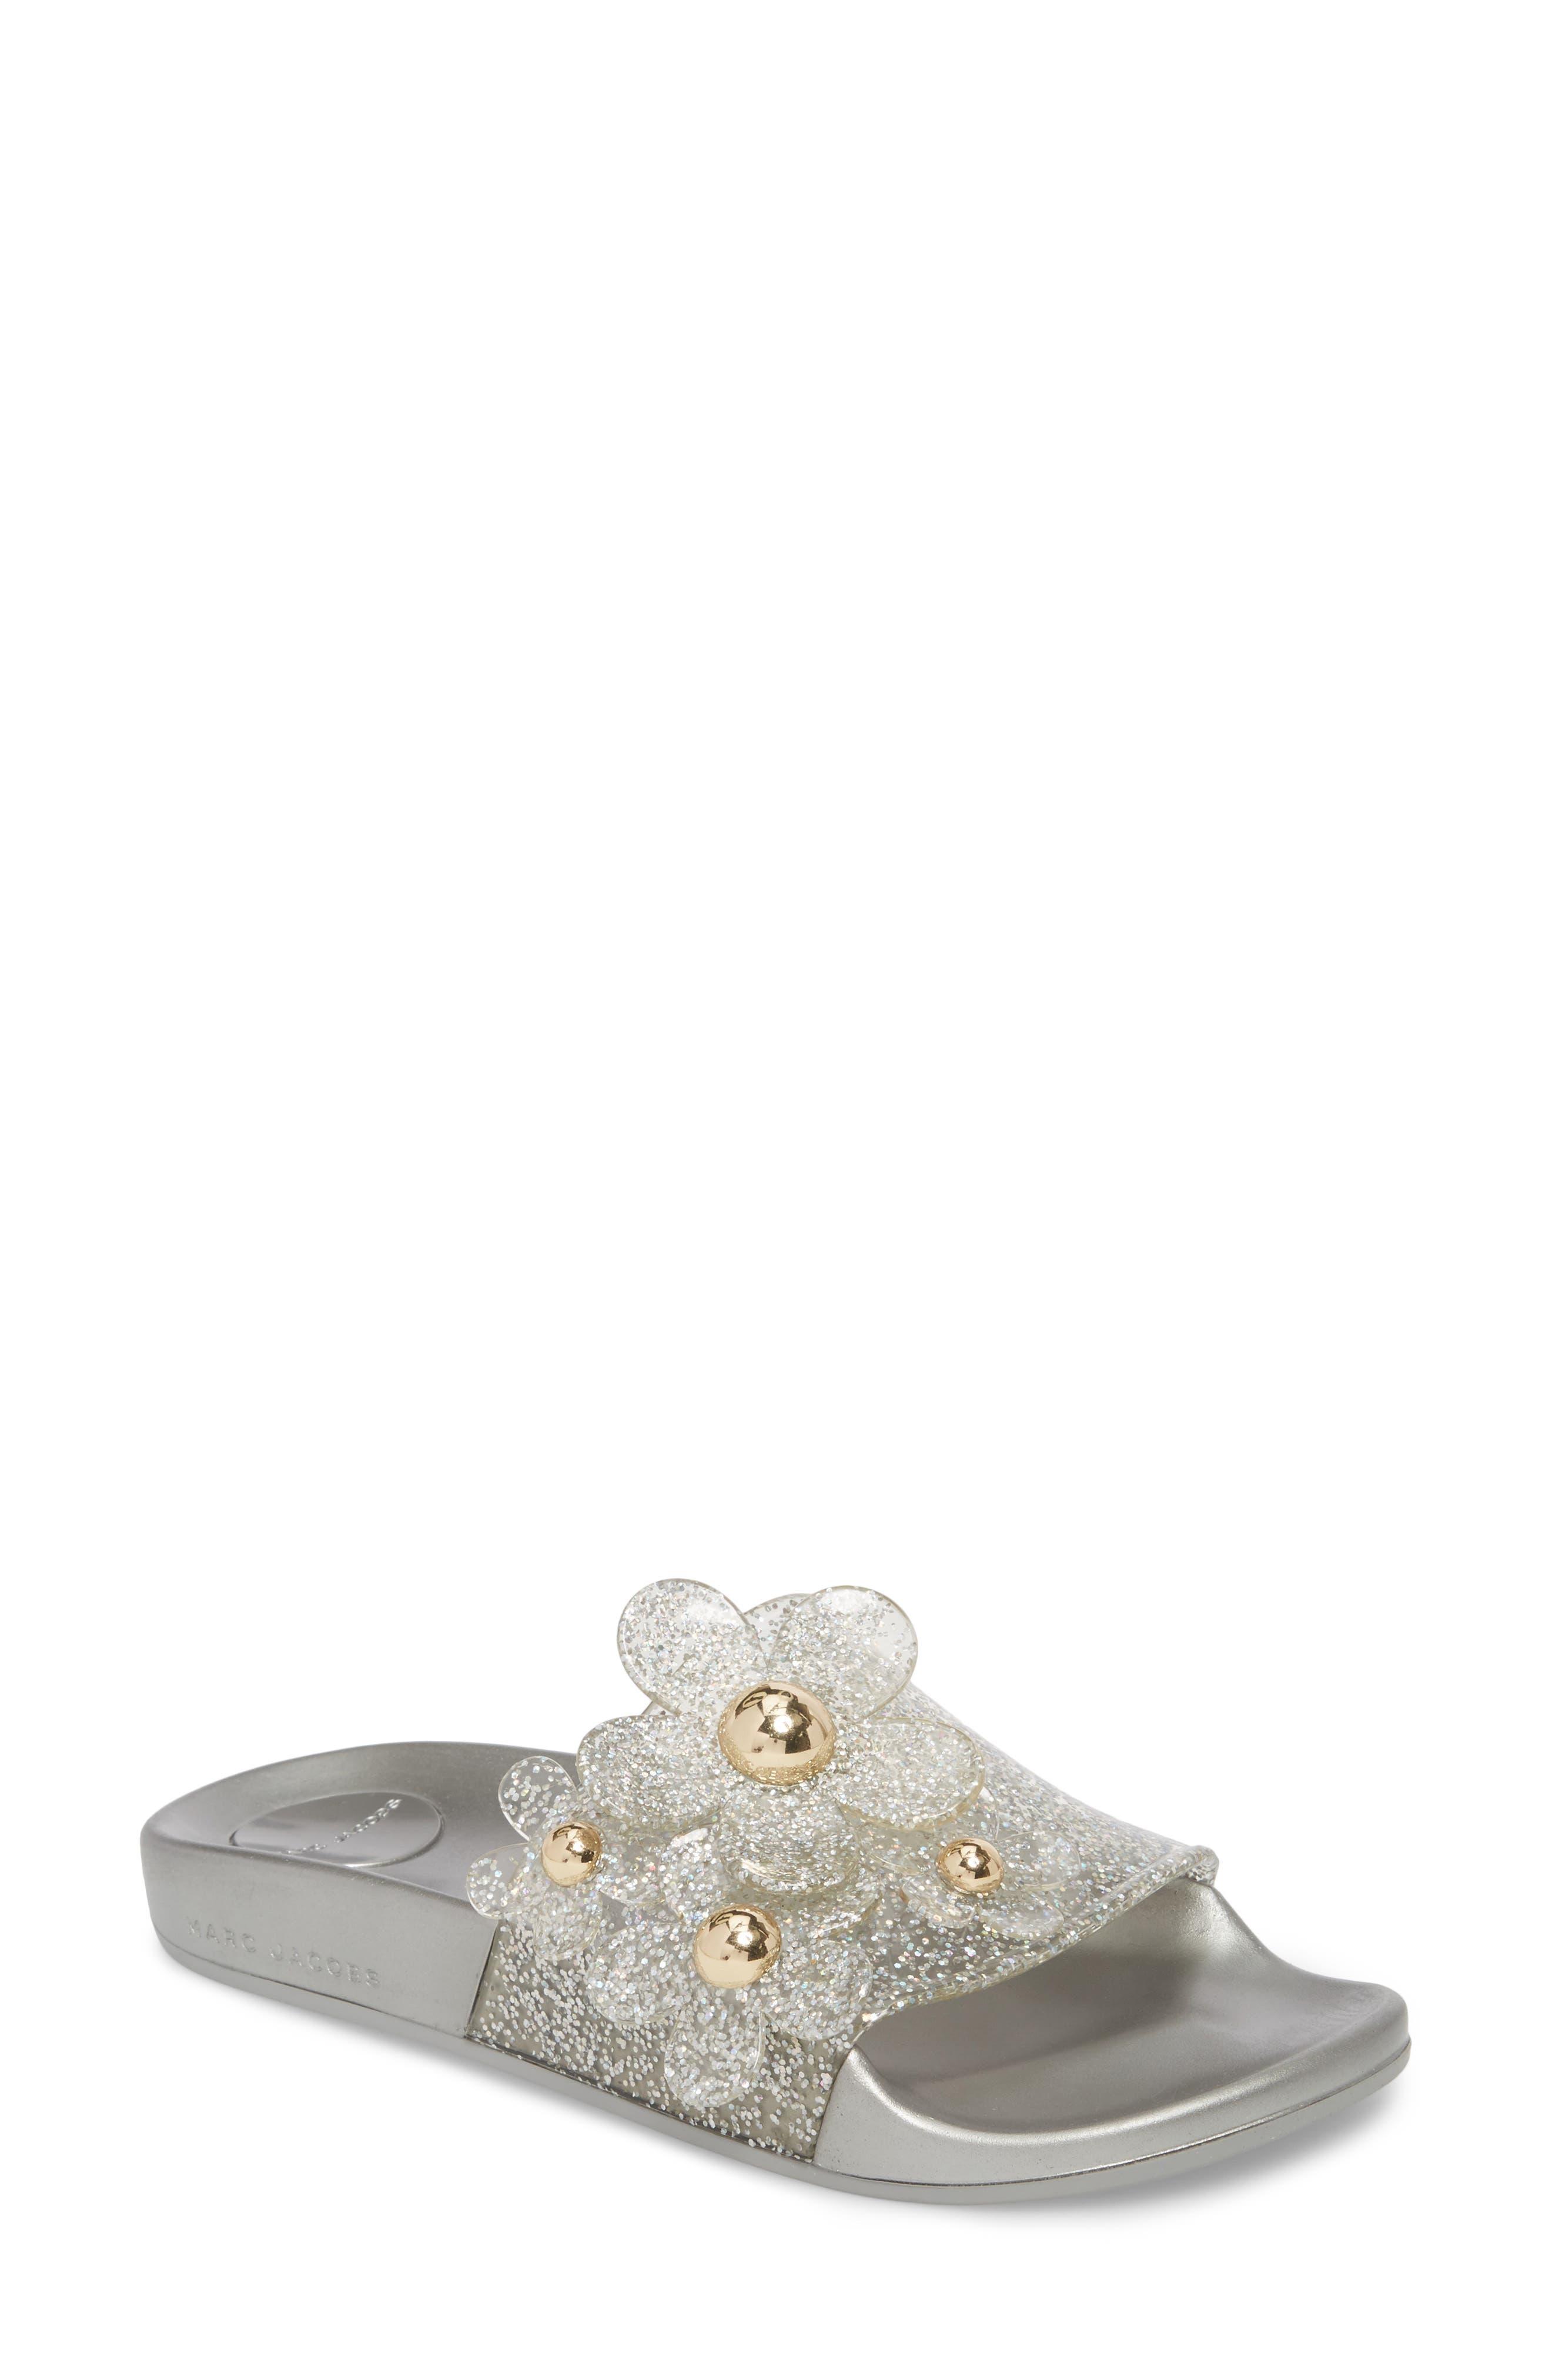 Women's Daisy Aqua Slide Sandal